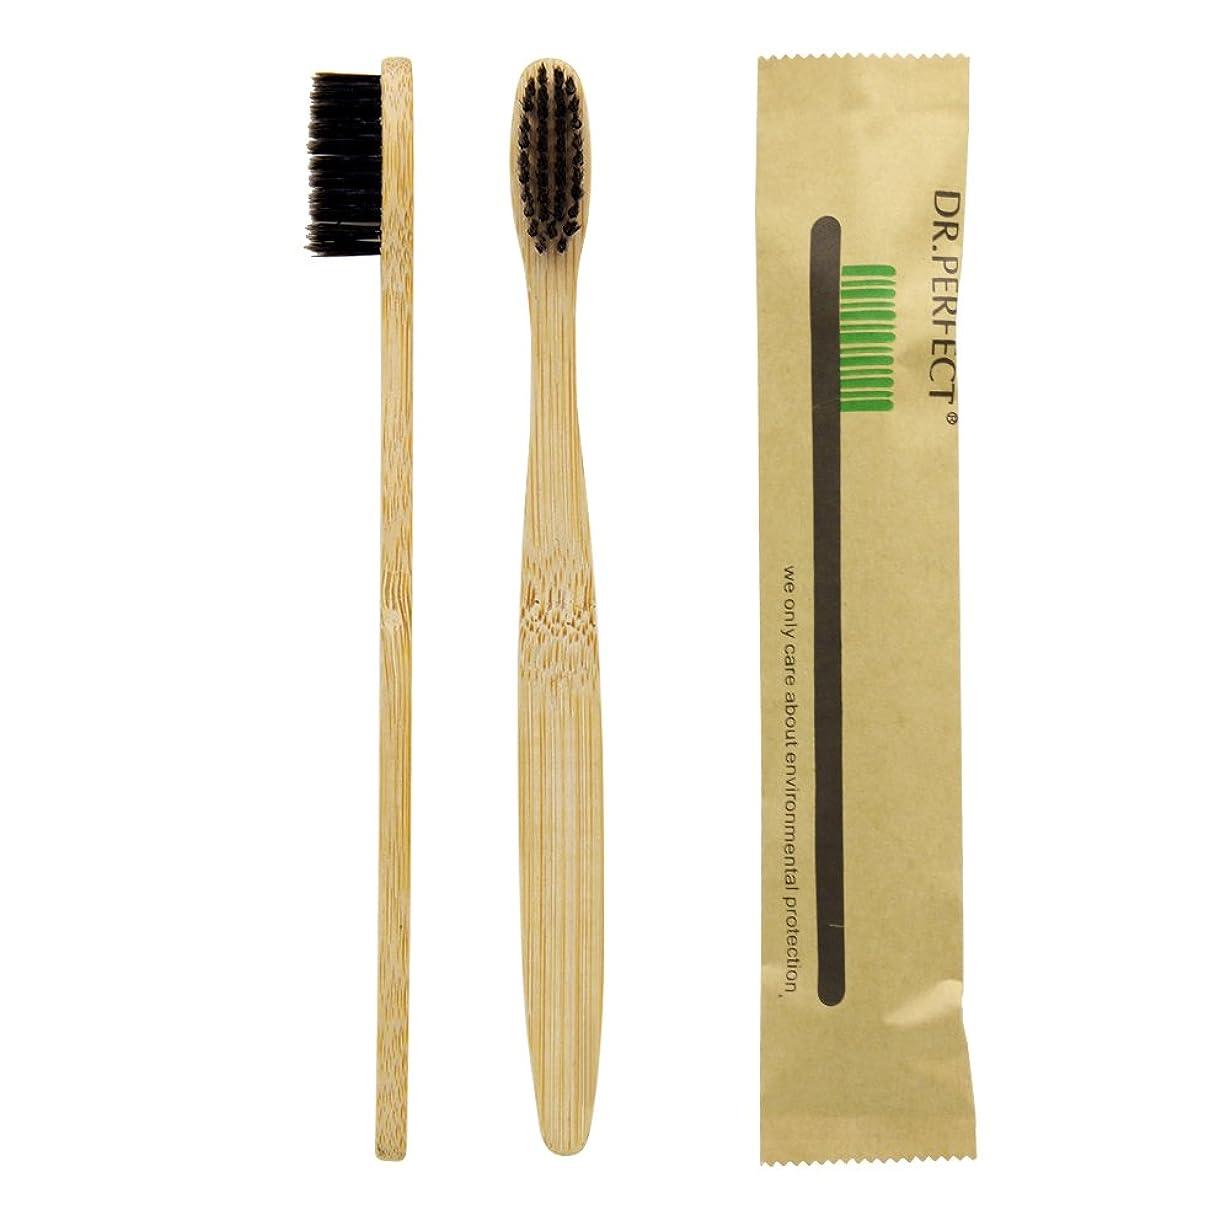 ゼロ慈悲ホテルDr.Perfect 歯ブラシ 竹歯ブラシアダルト竹の歯ブラシ ナイロン毛 環境保護の歯ブラシ (ブラック)